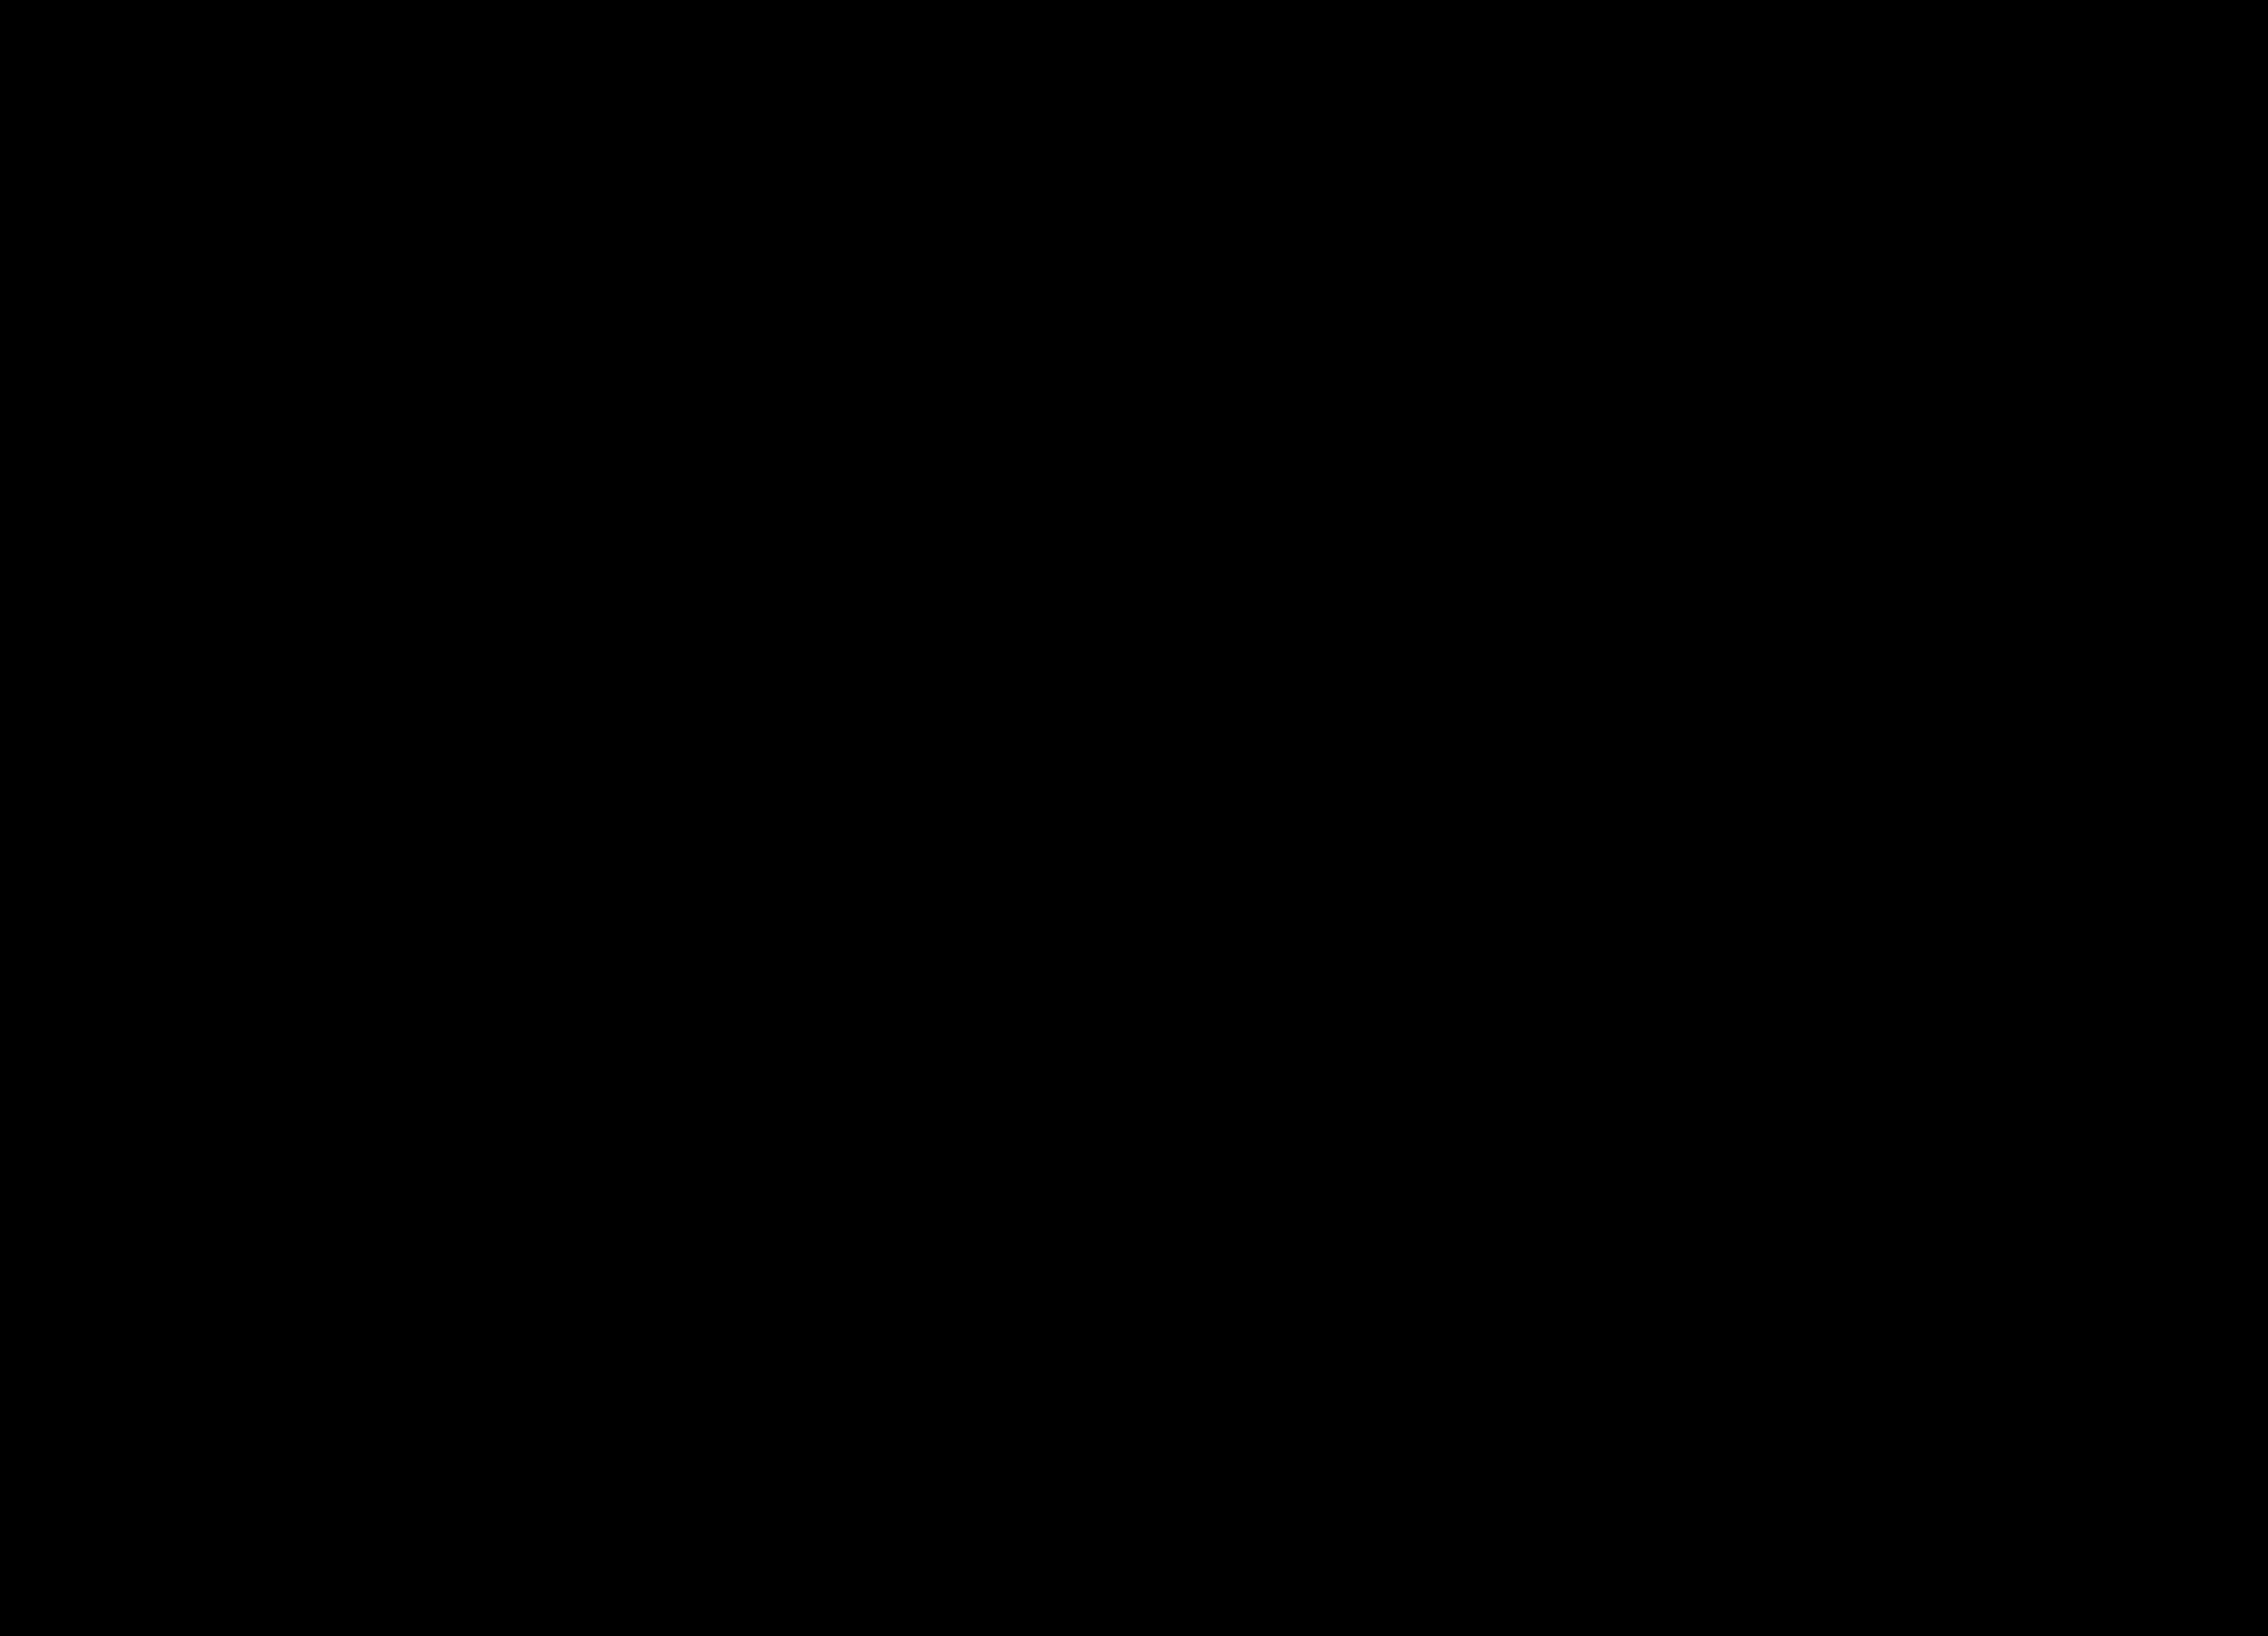 VegNews.McDonaldsPLTBeyond